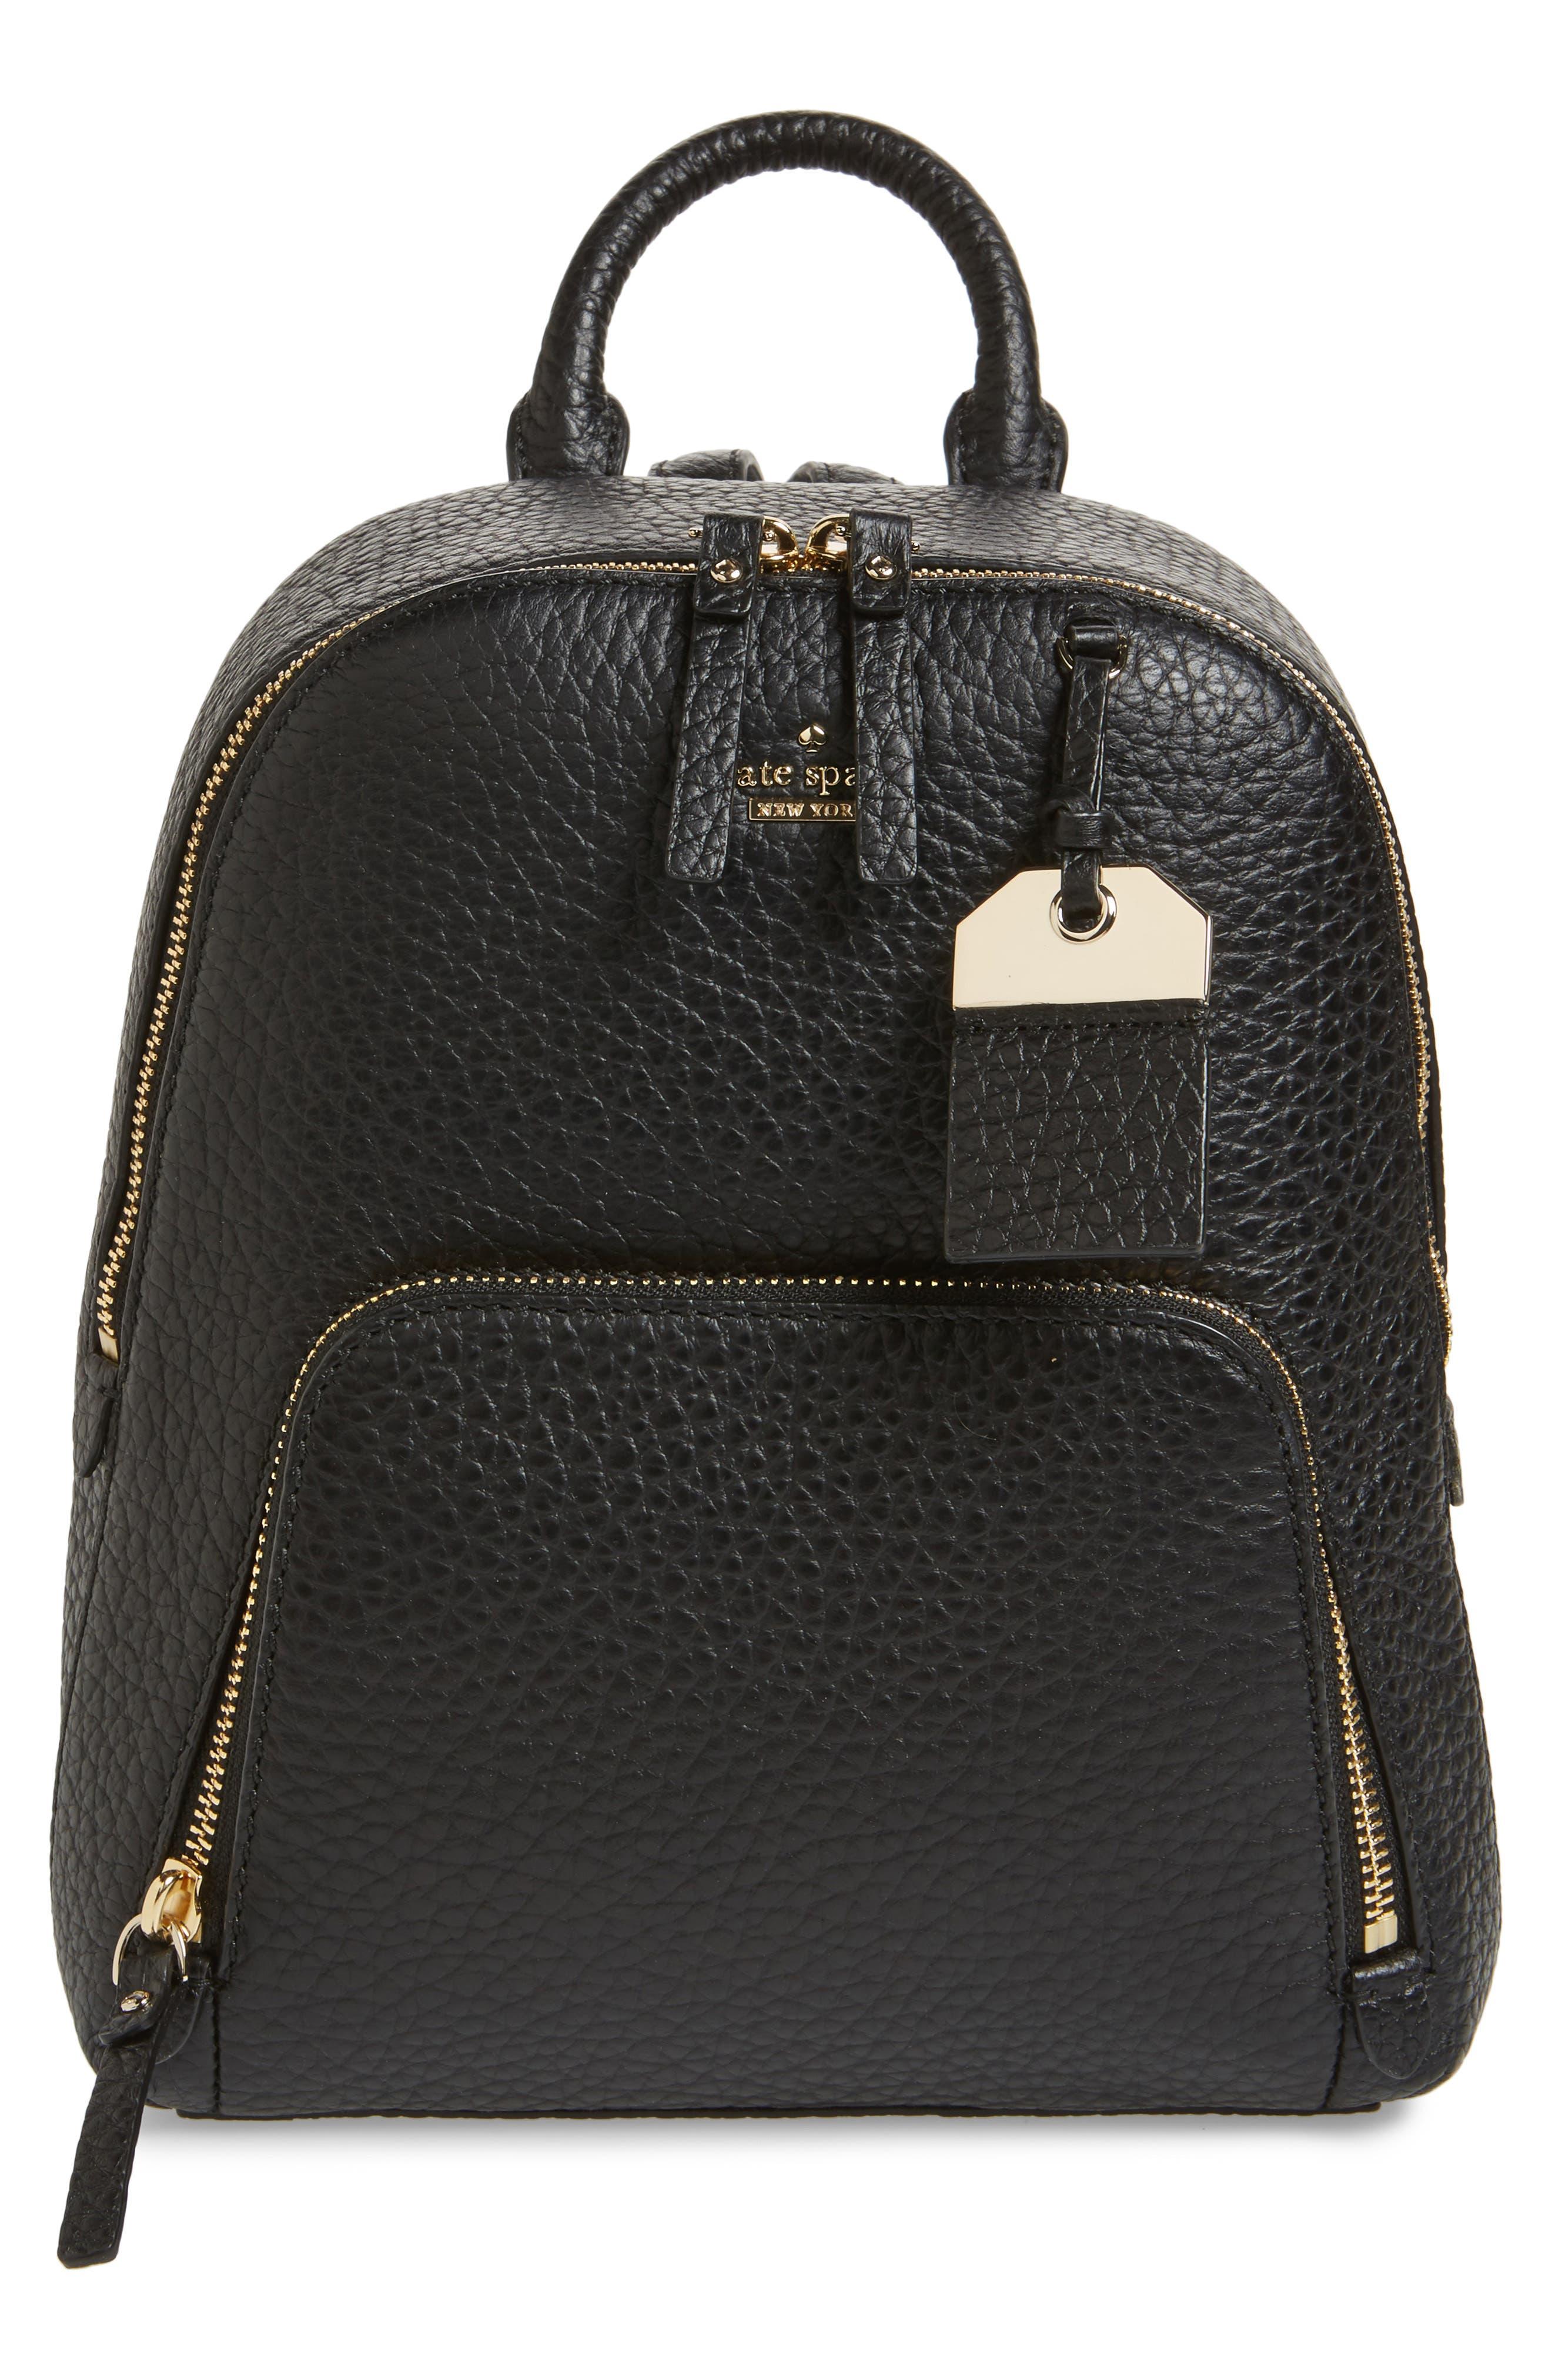 carter street - caden leather backpack,                         Main,                         color, Black